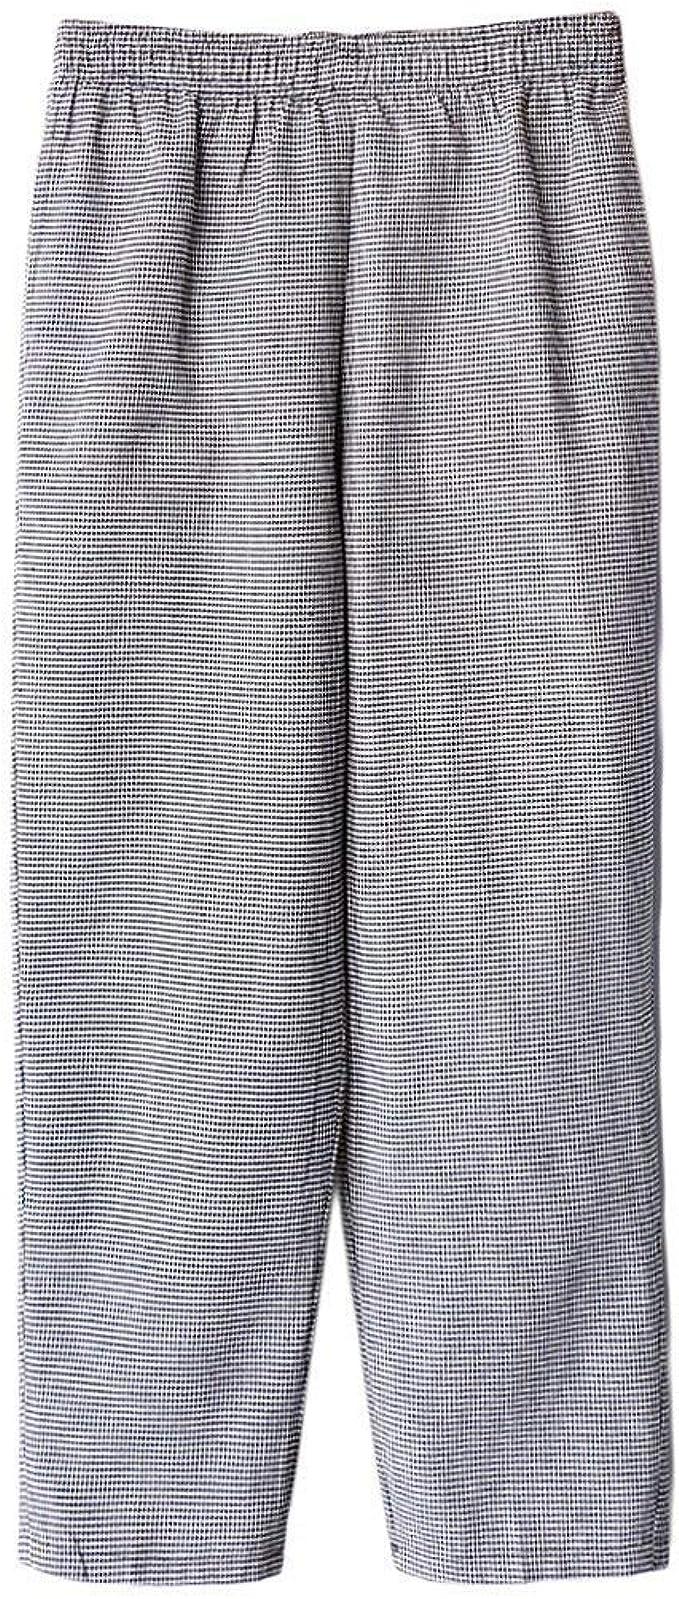 Uomo Chef Pantaloni Abbigliamento Da Lavoro Cucina Gastronomia Abbigliamento Da Primavera Ragazzo Autunno Pinstripe Con Tasche Pantaloni Casual Pantaloni Da Jogging Color Stil 3 Size 4xl Amazon It Abbigliamento